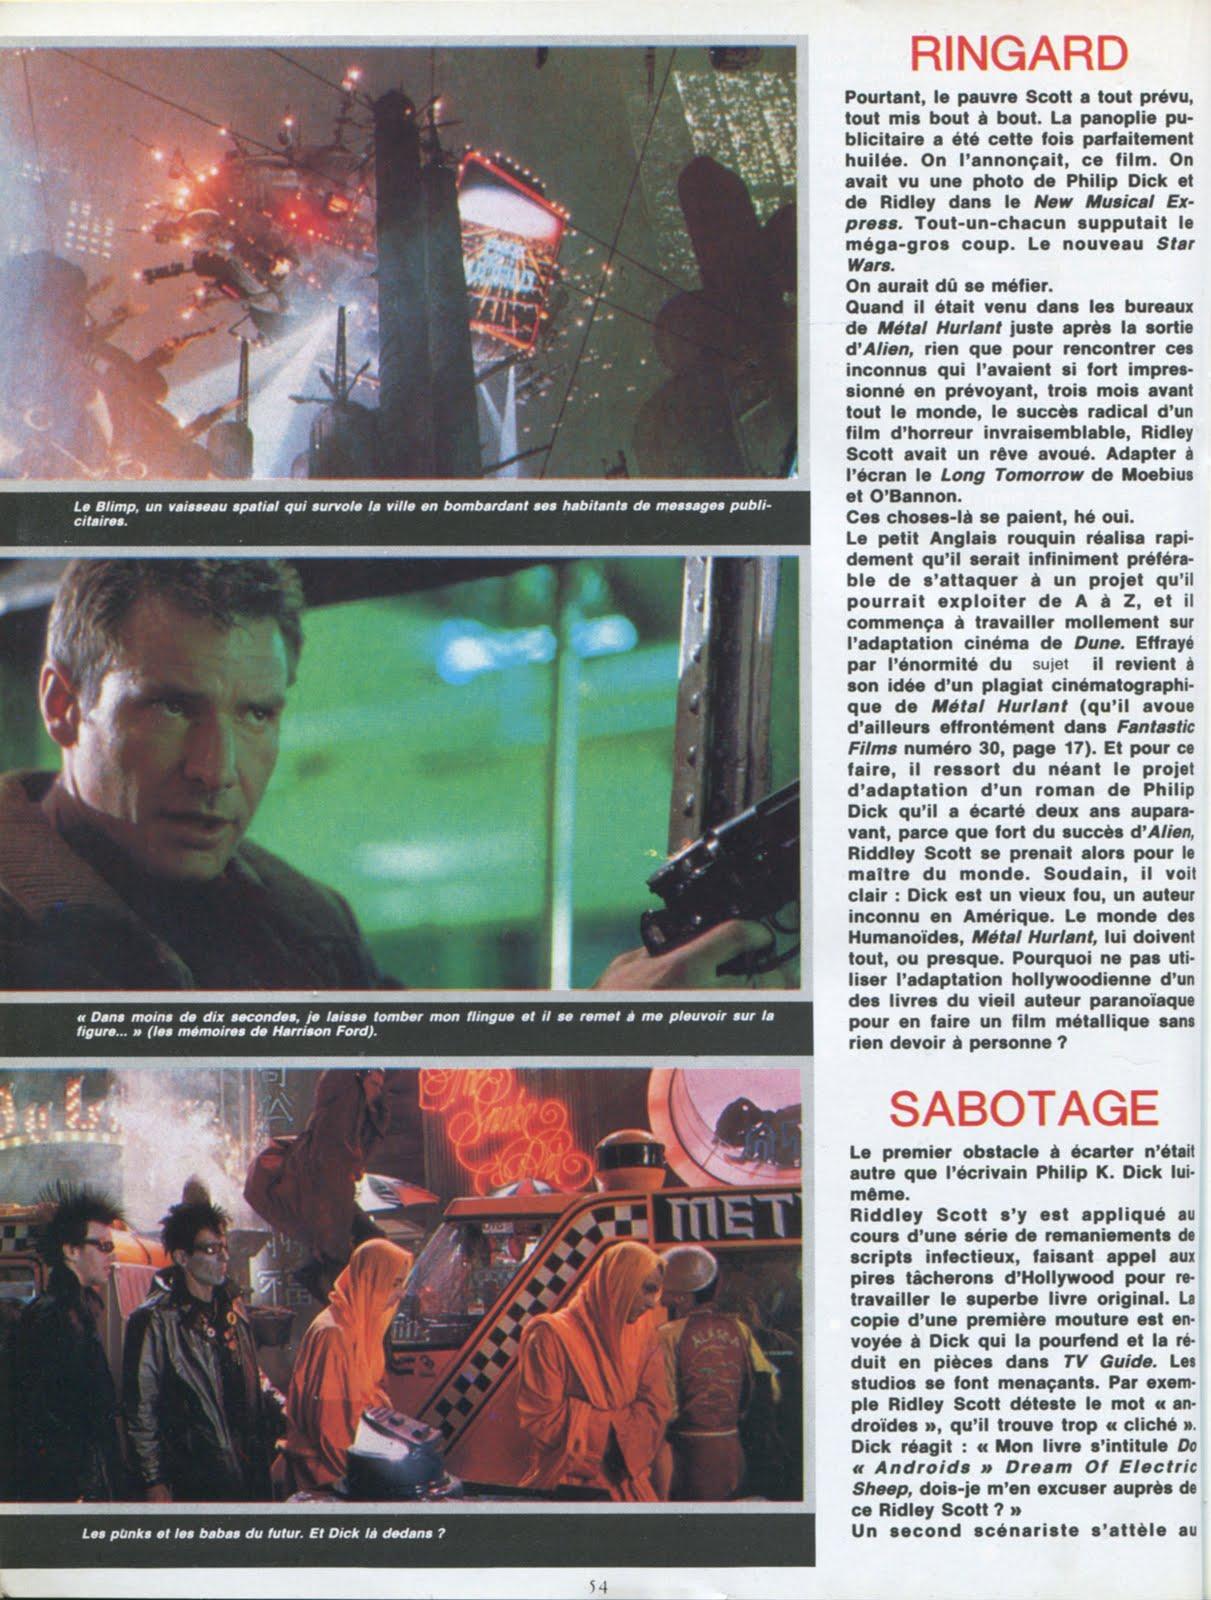 METAL HURLANT (Sept 1982) Blade Runner LA+SECONDE+MORT+PHILIP+K.+DICK+3